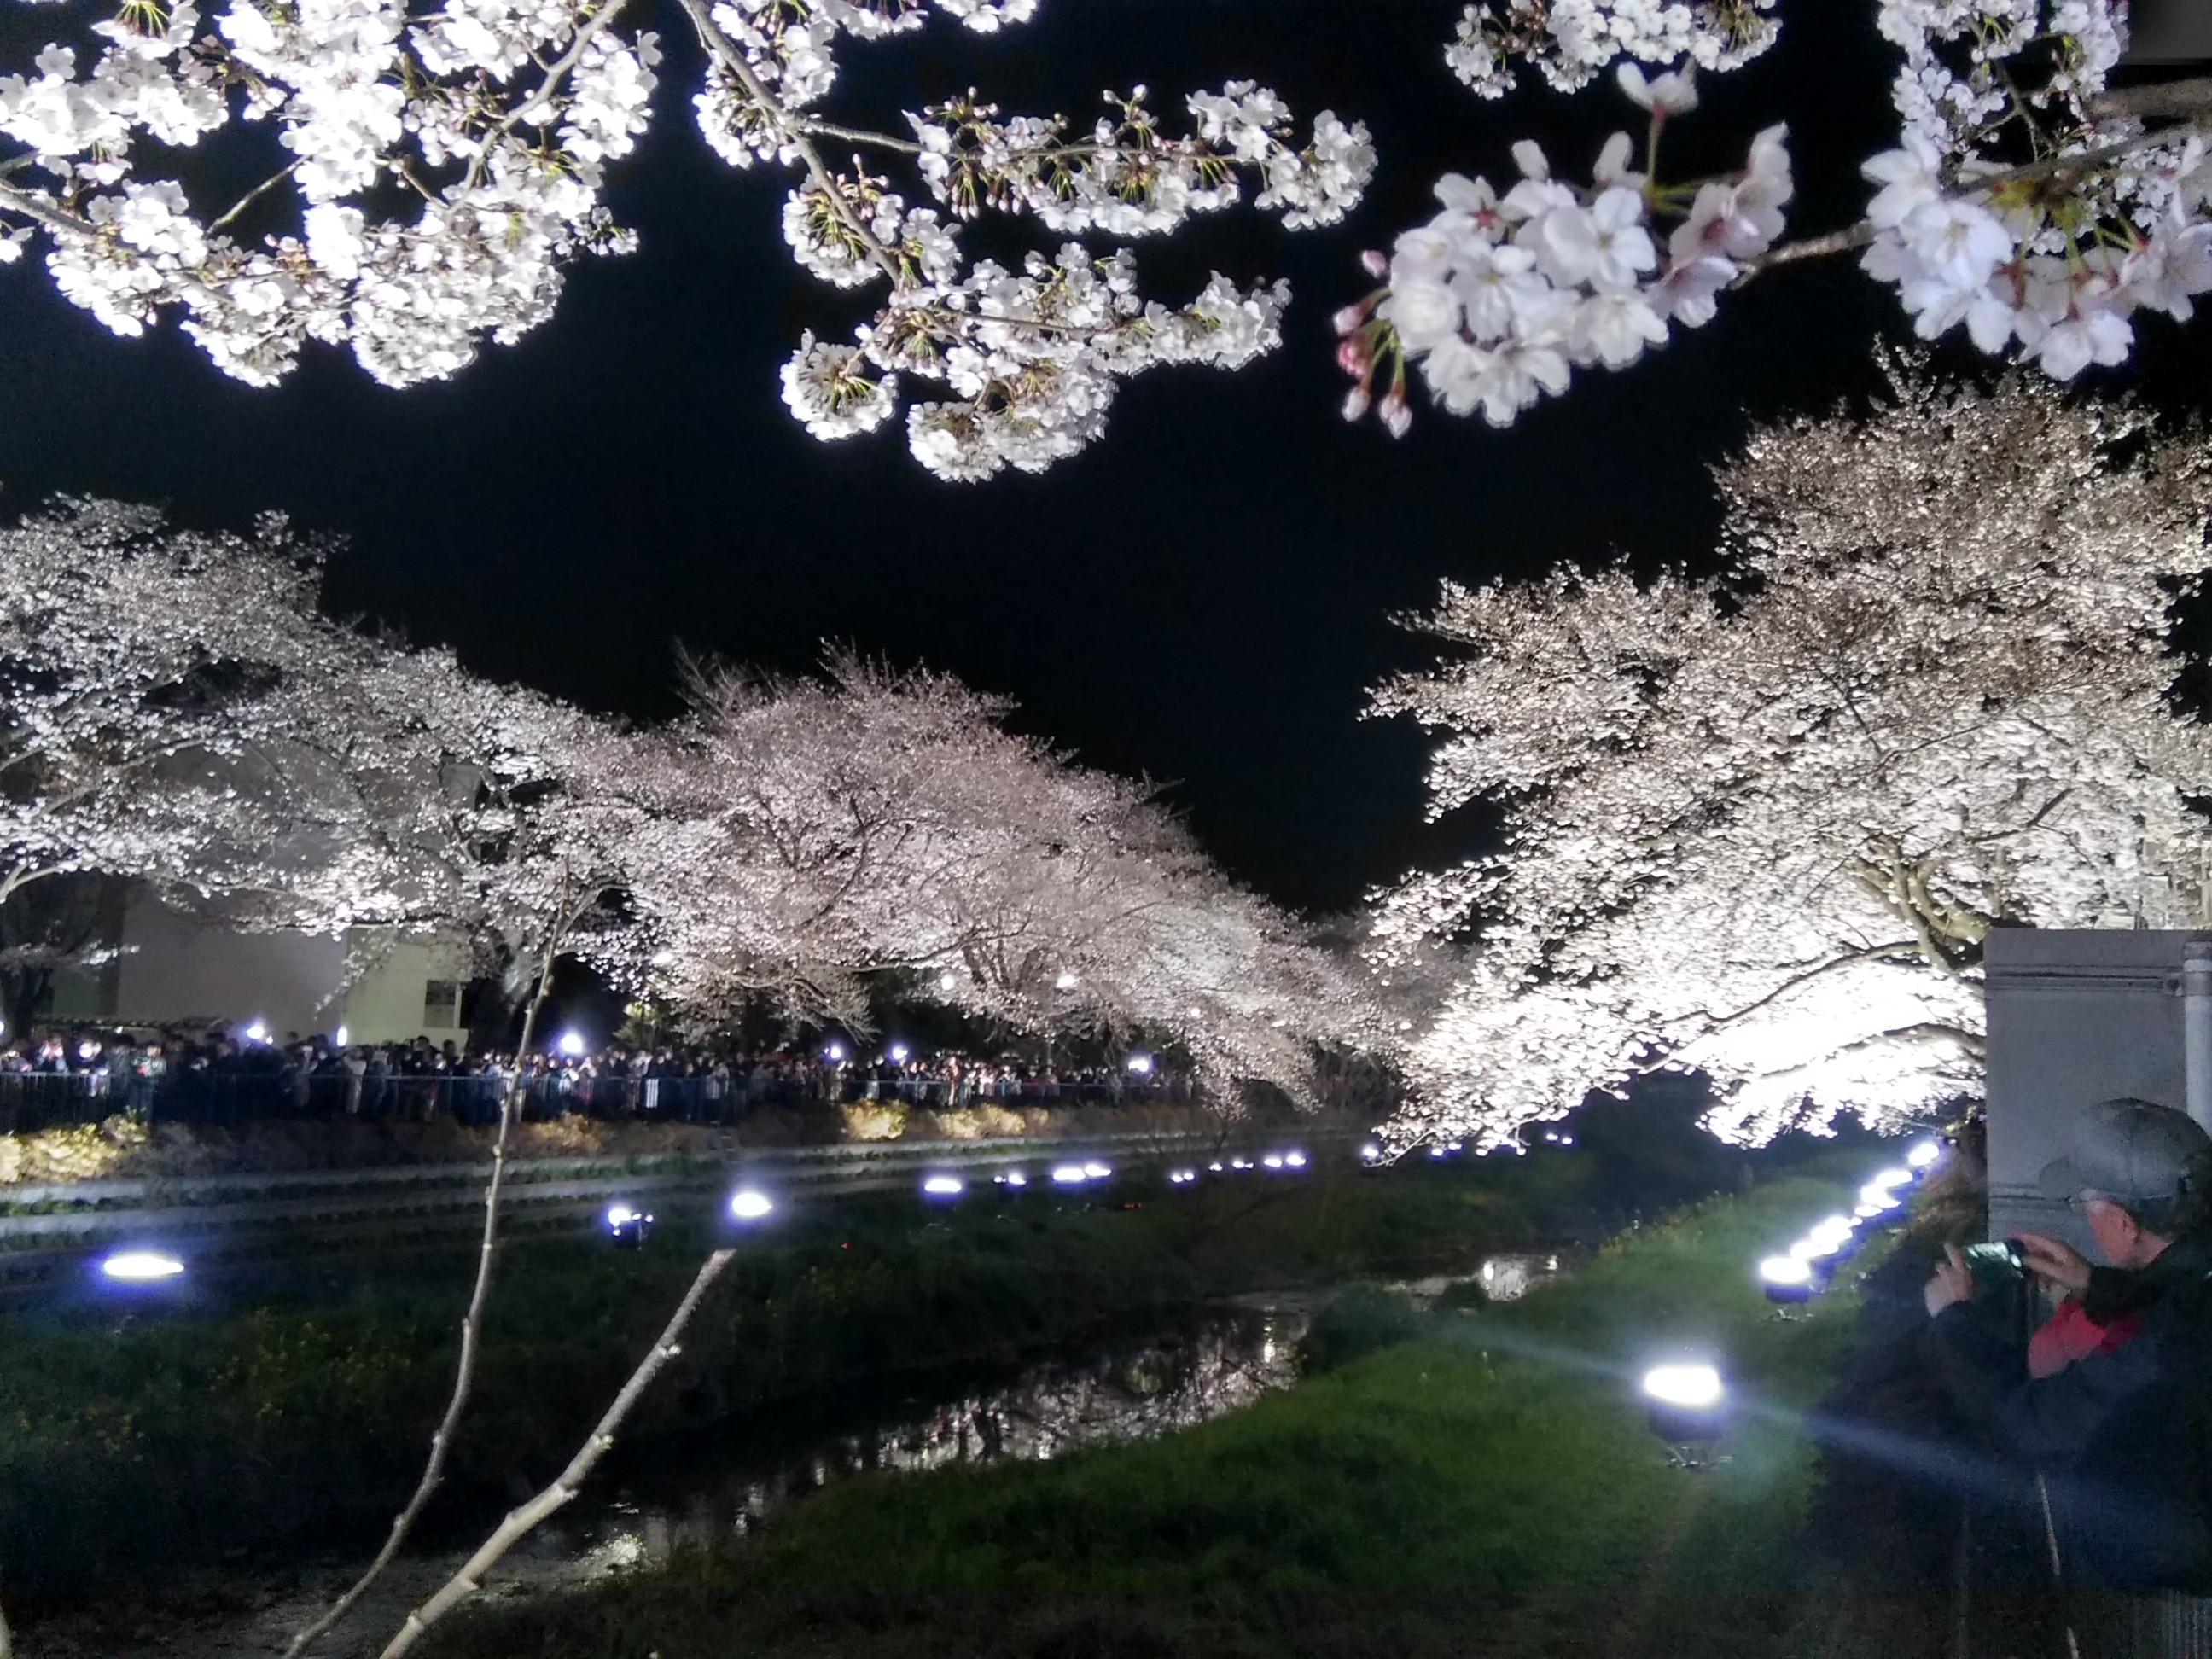 やはり川に映る桜がキレイでした